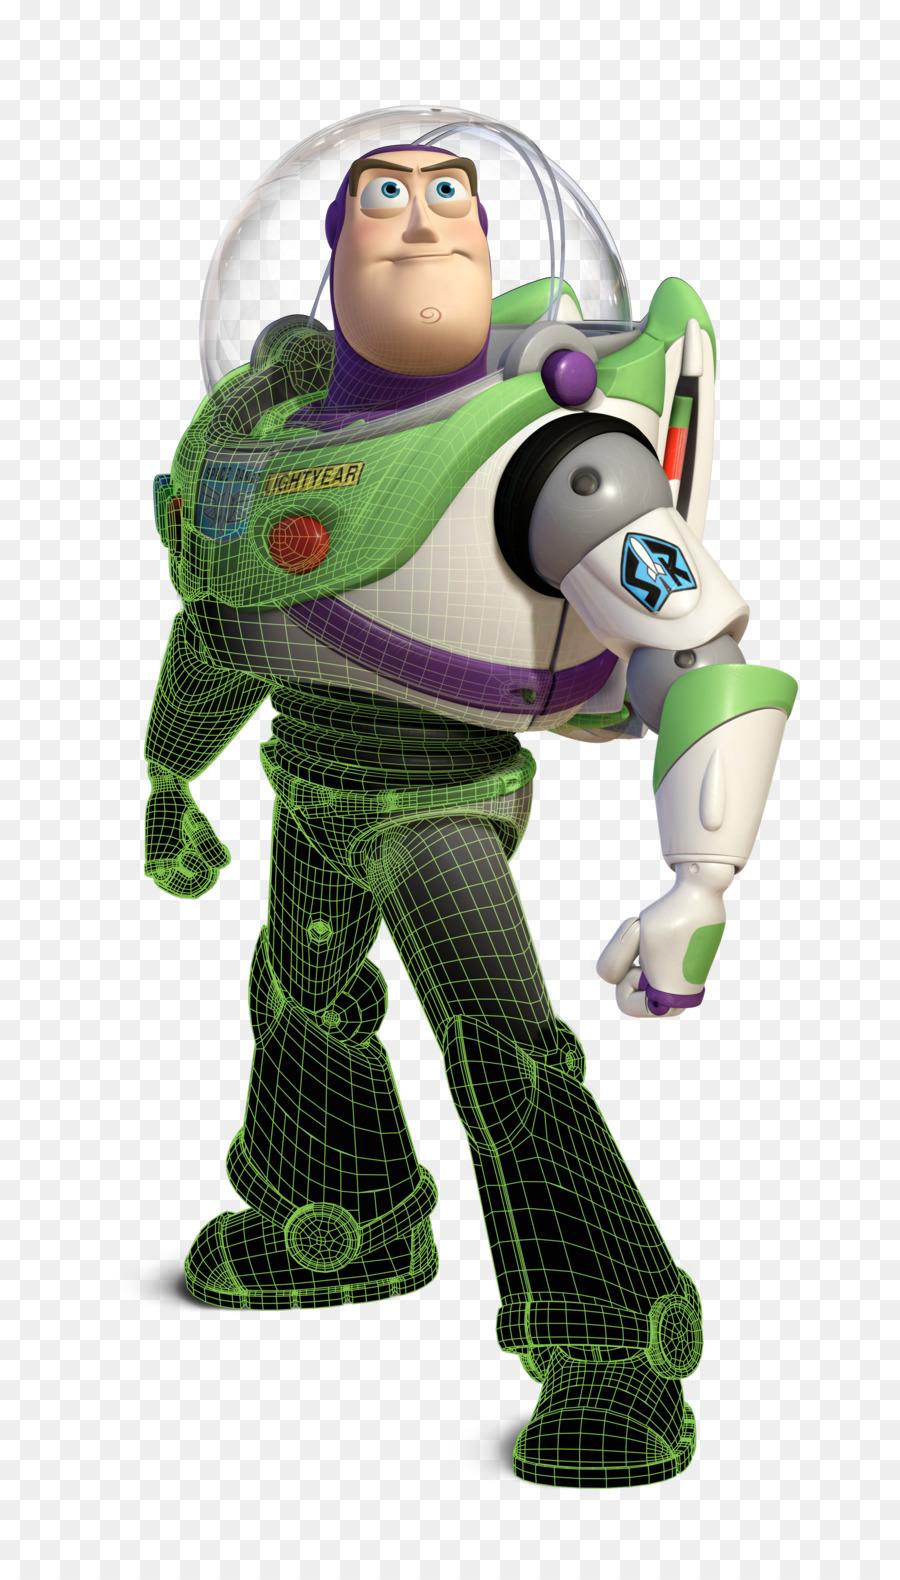 Sterling Toy Story Buzz Lightyear Sheriff Woody Jessie Andrew Stanton Pixar Toy Story Buzz Lightyear Sheriff Woody Jessie Andrew Stanton Pixar Toy Story Buzz Lightyear Voice Toy Story Buzz Lightyear C inspiration Toy Story Buzz Lightyear